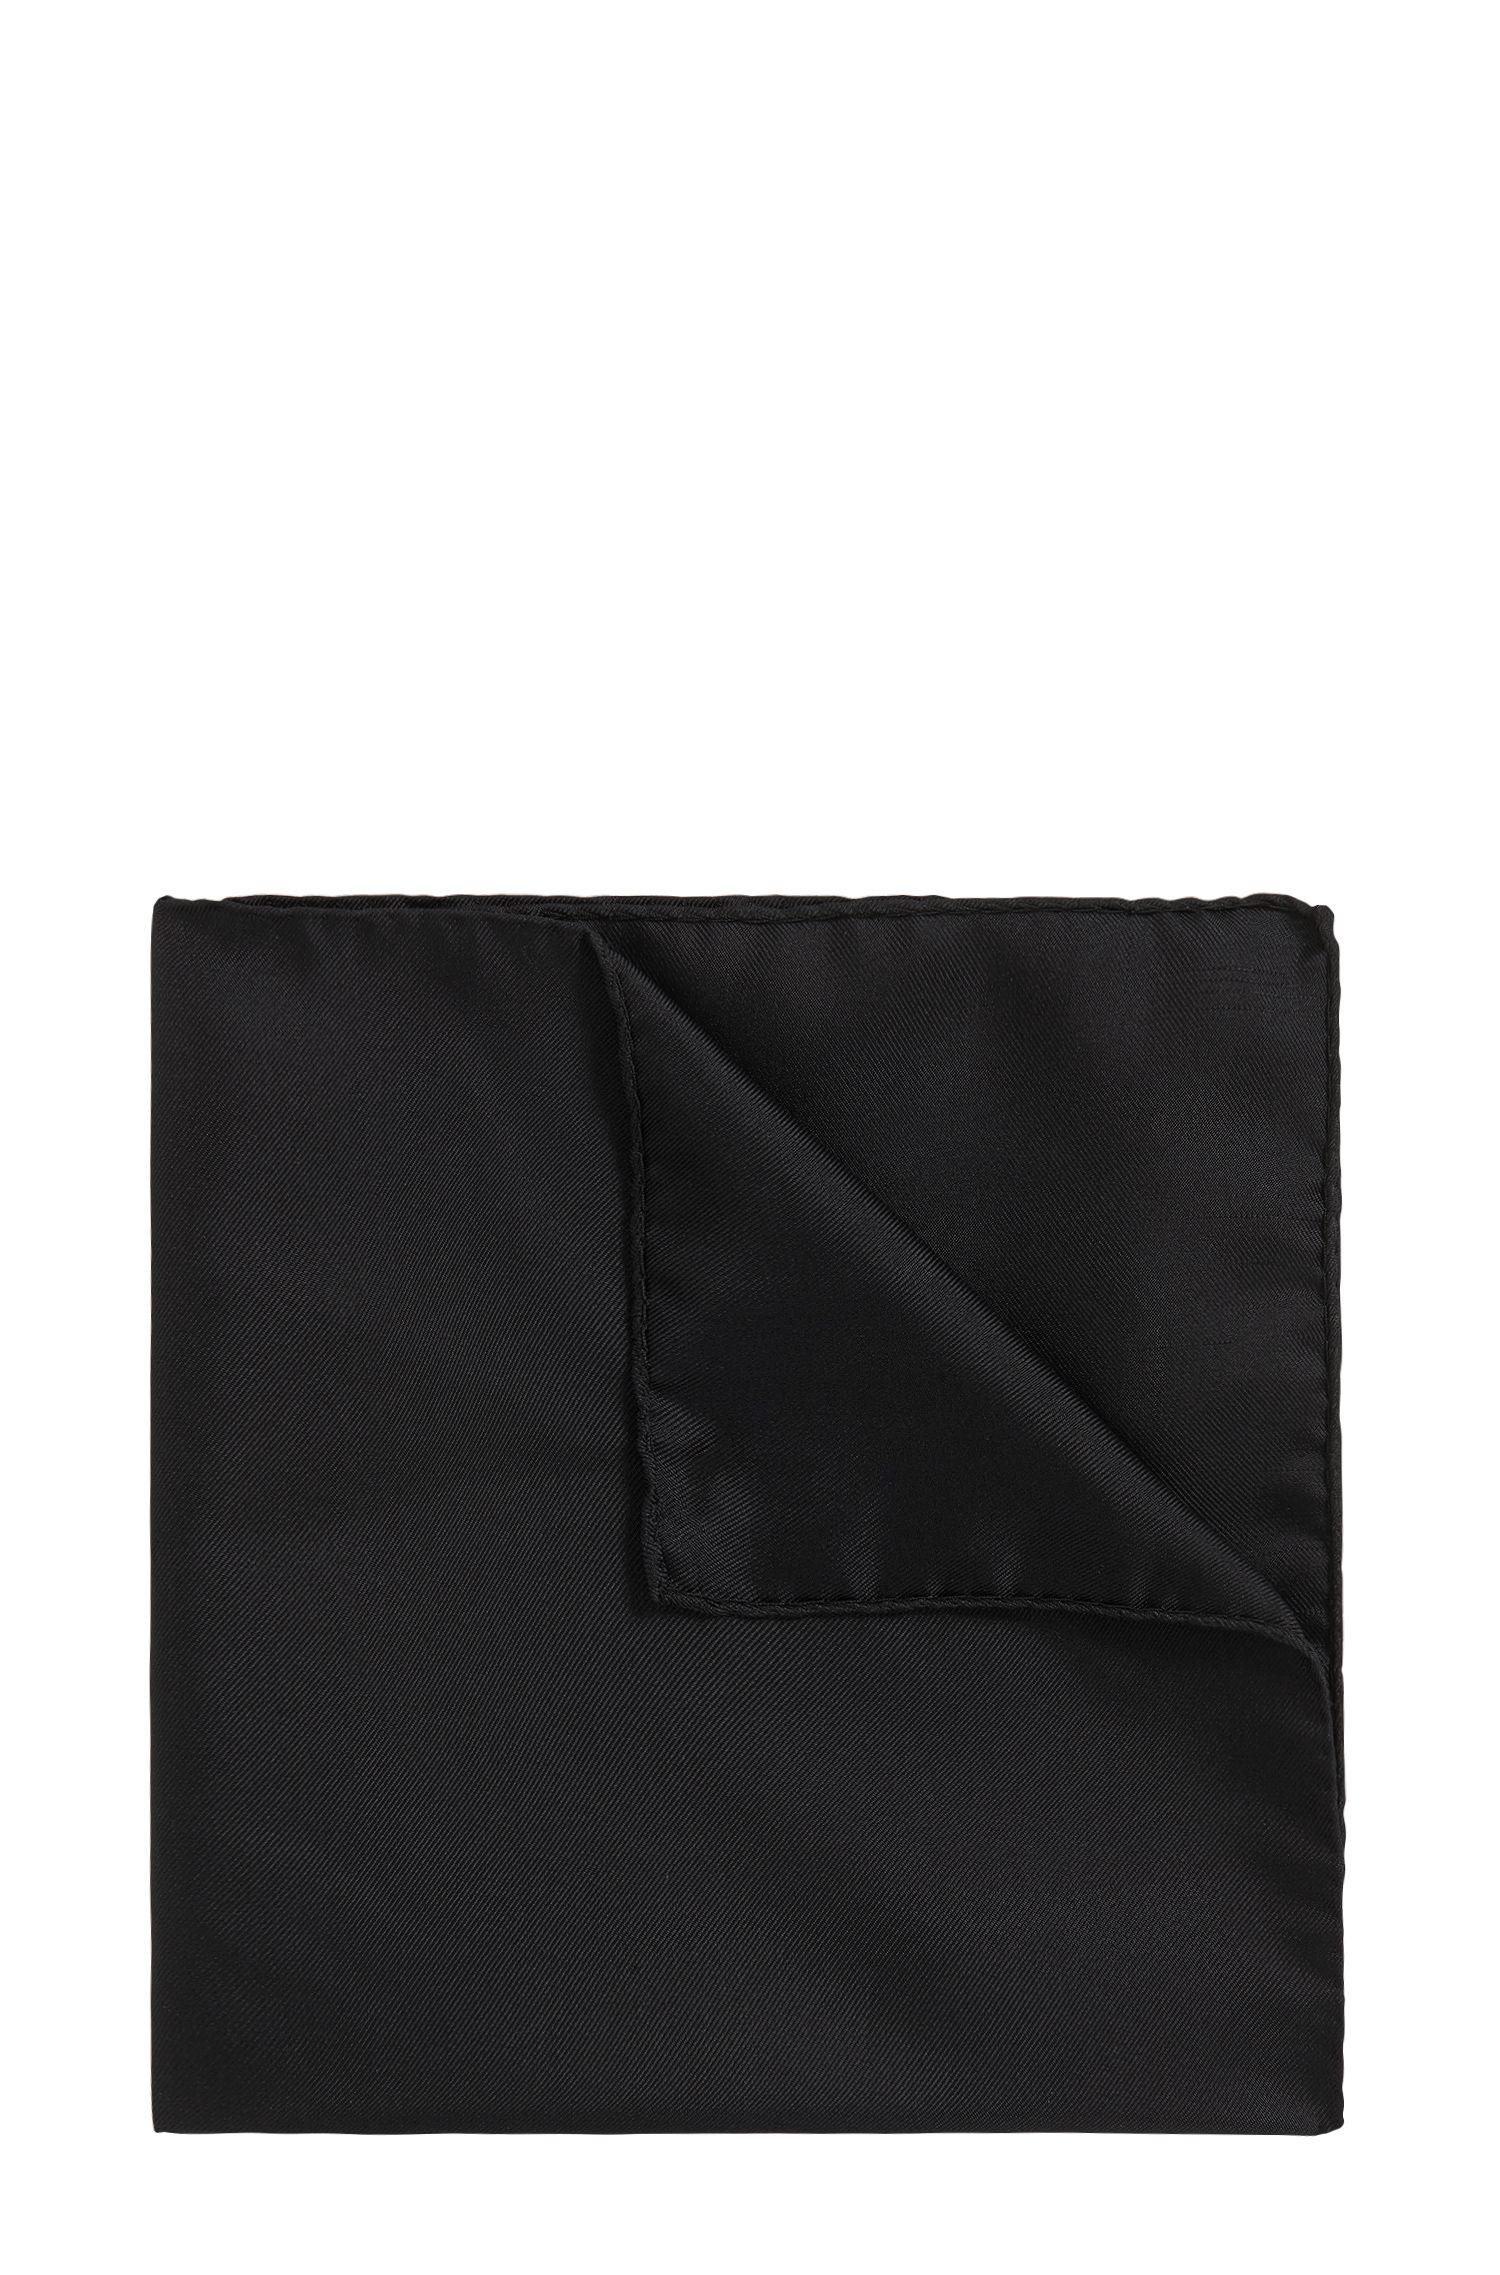 Pañuelo de bolsillo de seda con dobladillo enrollado